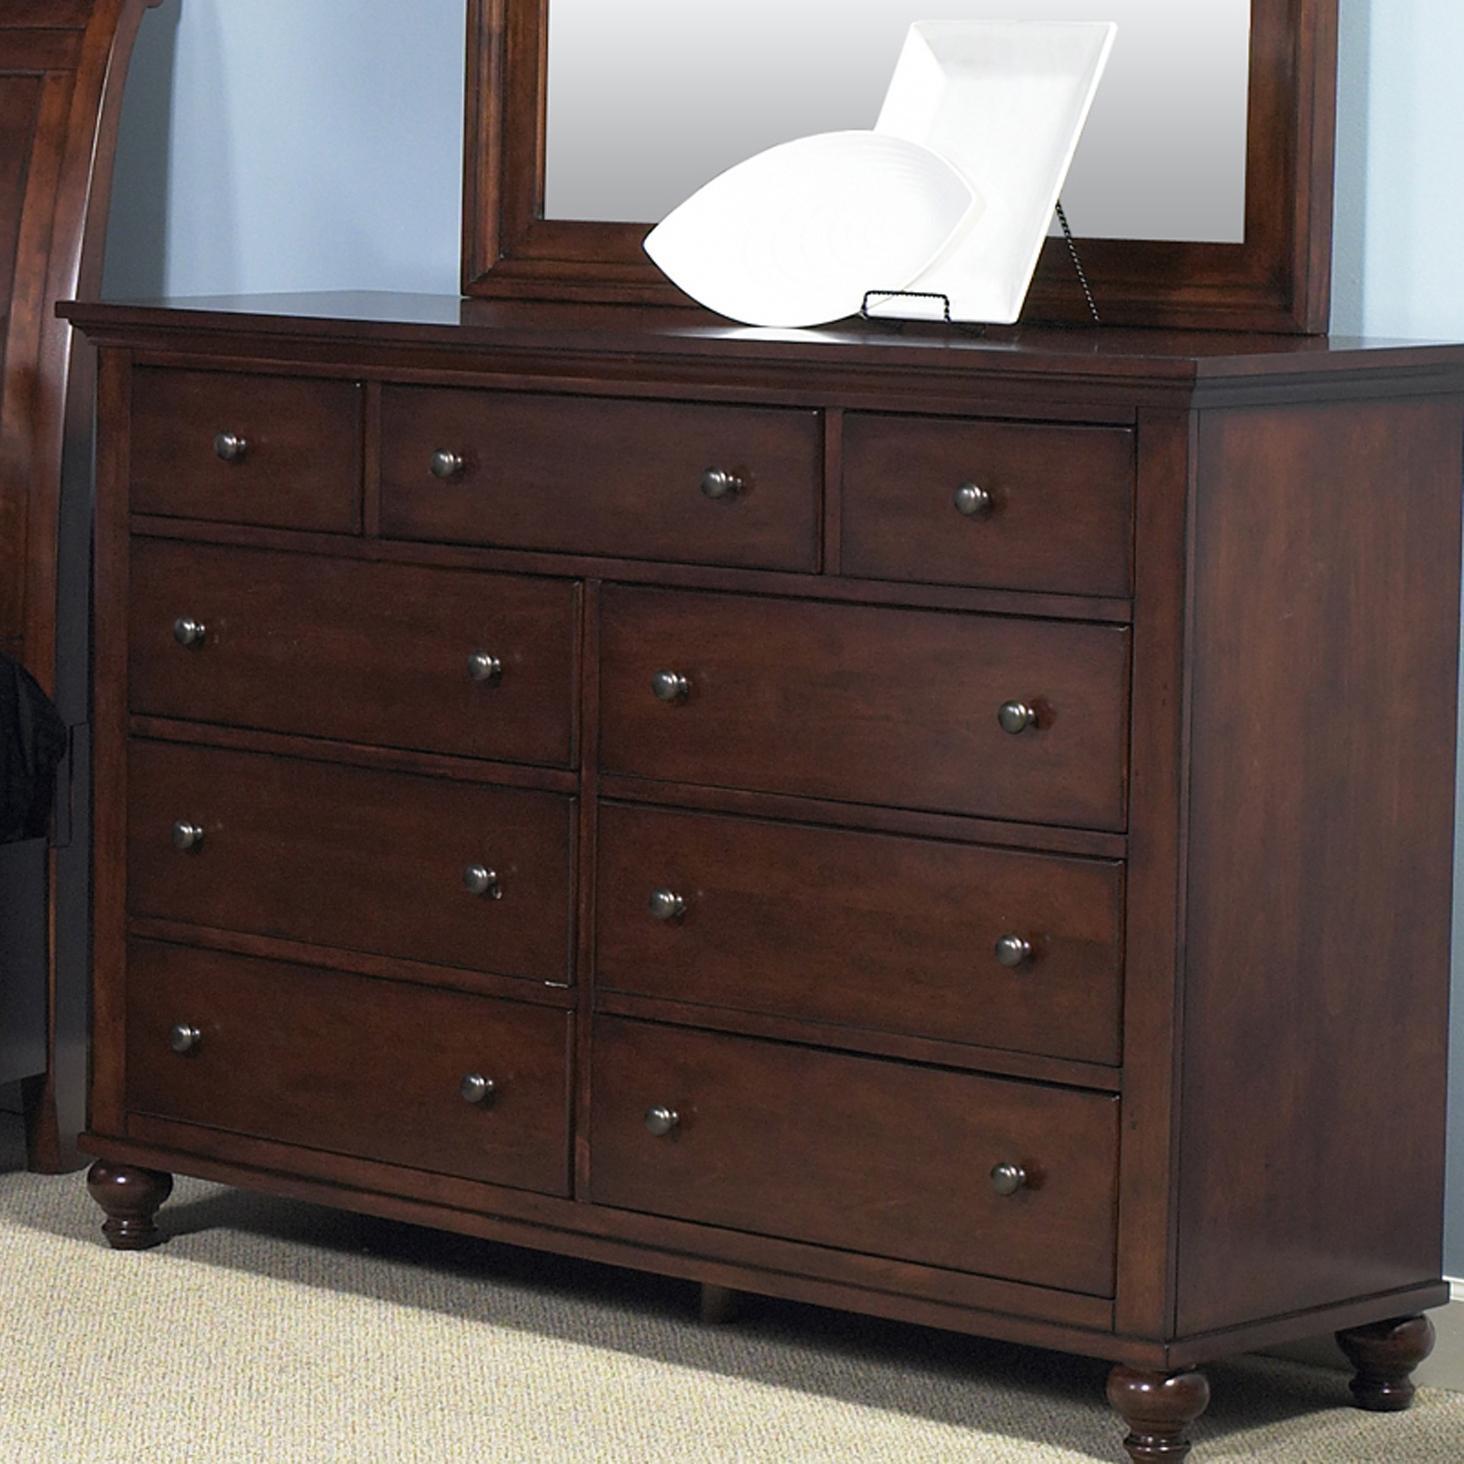 Liberty Furniture Hamilton  Nine Drawer Dresser - Item Number: 341-BR32